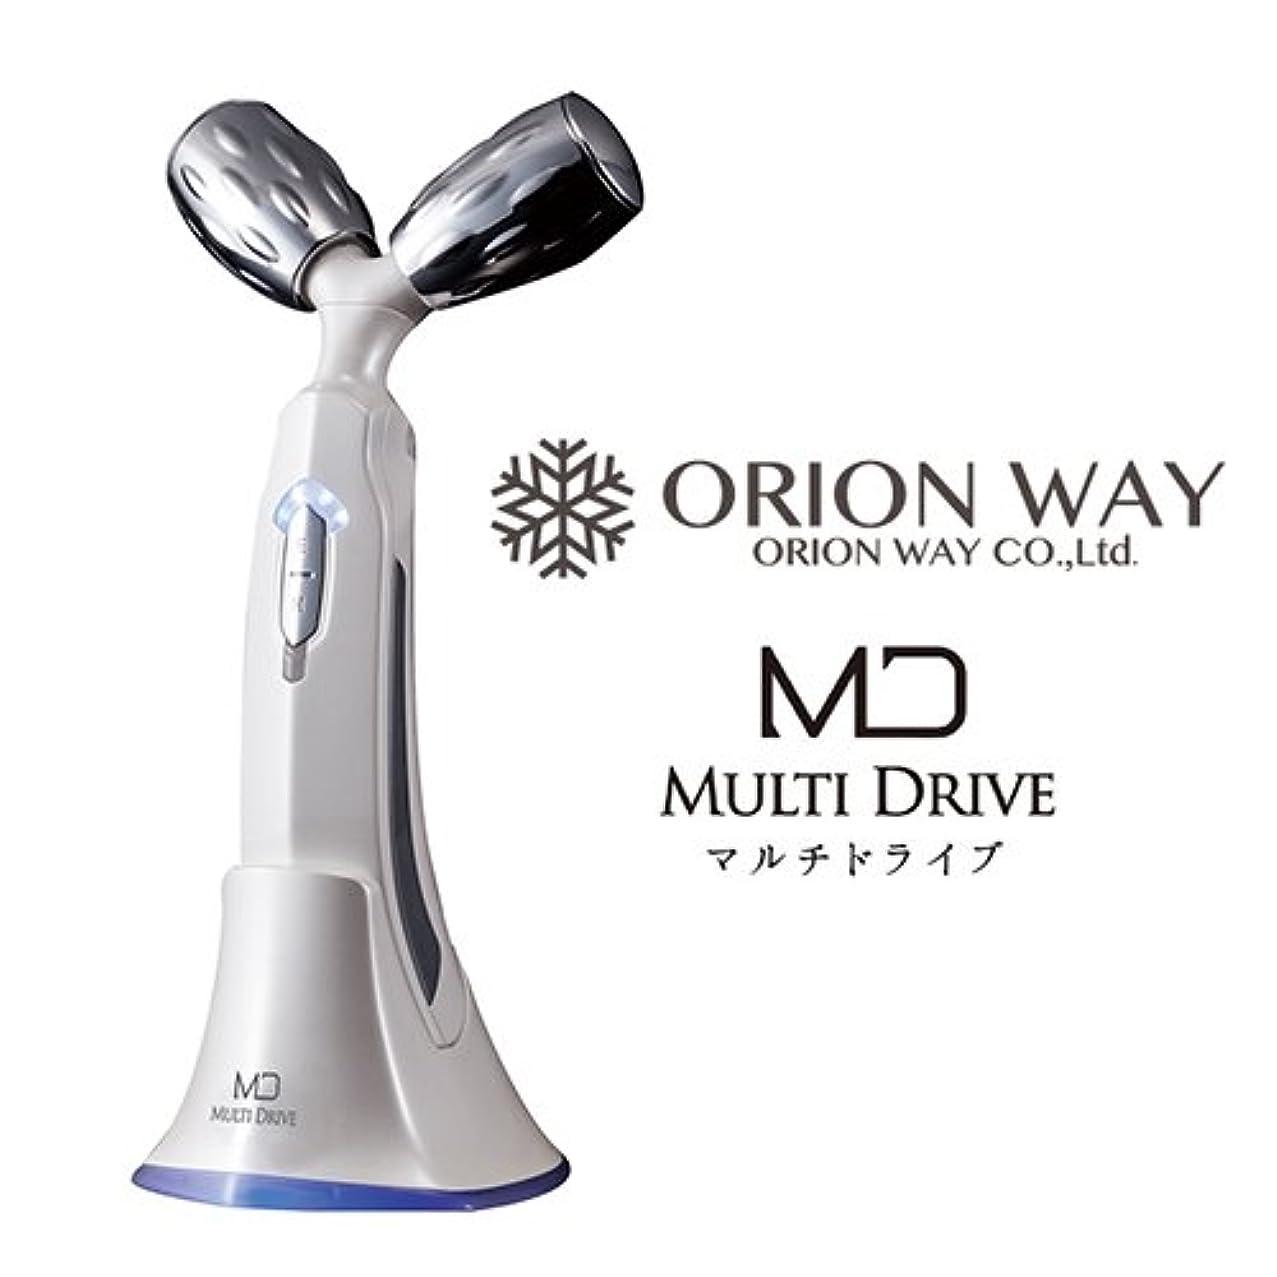 美容機器 MULTI DRIVE (マルチドライブ)